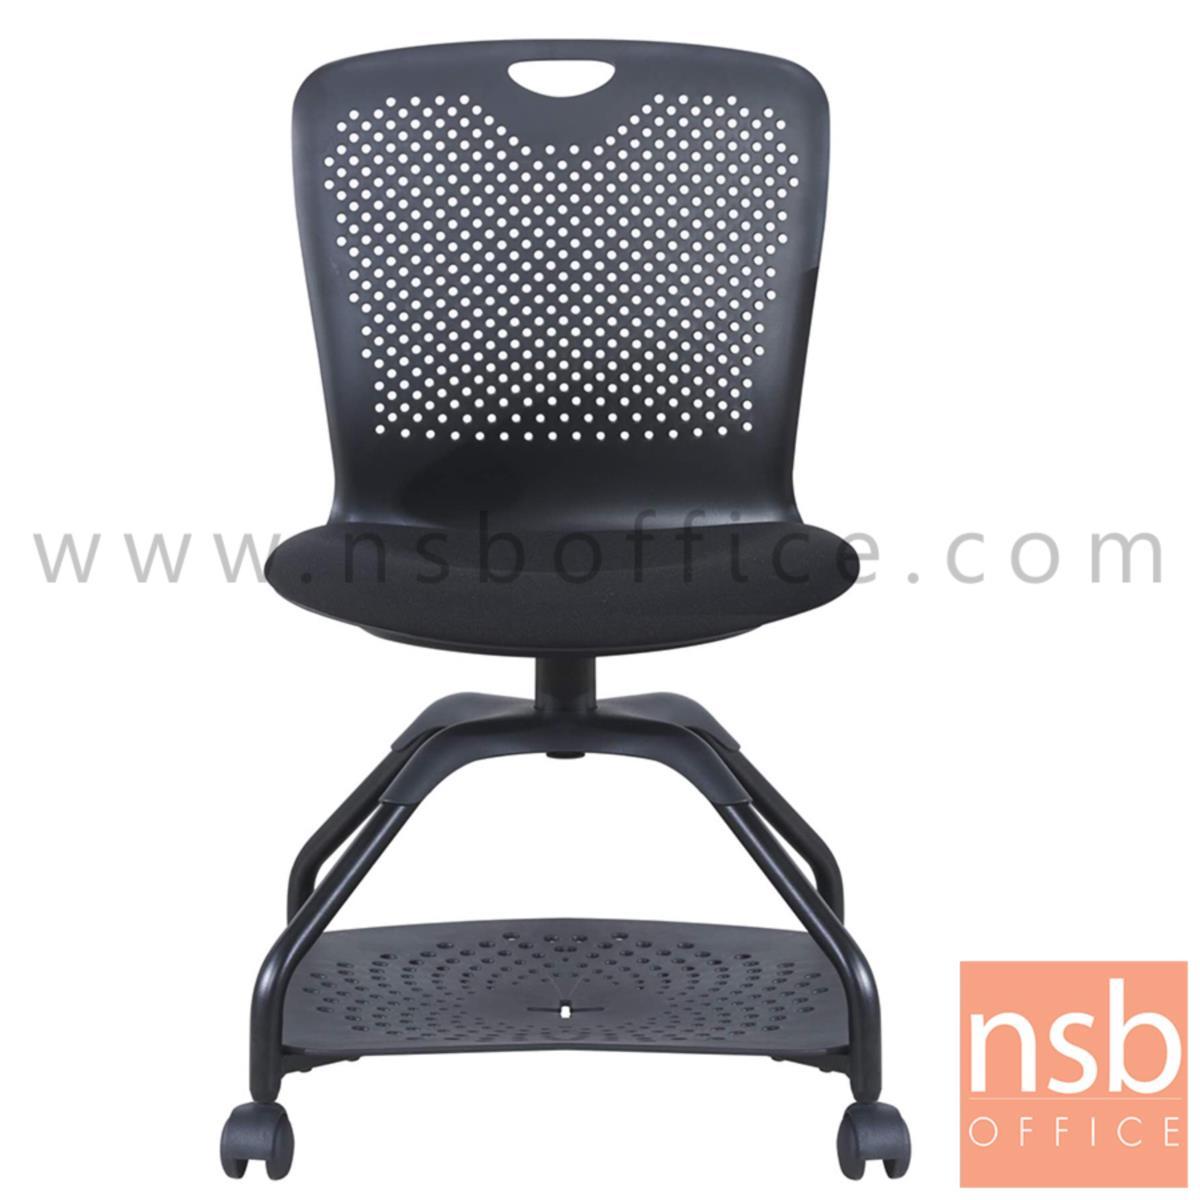 เก้าอี้เฟรมโพลี่ล้อเลื่อน รุ่น Coral (คอรัล)  ไม่มีแผ่นเลคเชอร์ ฐานวางกระเป๋าได้